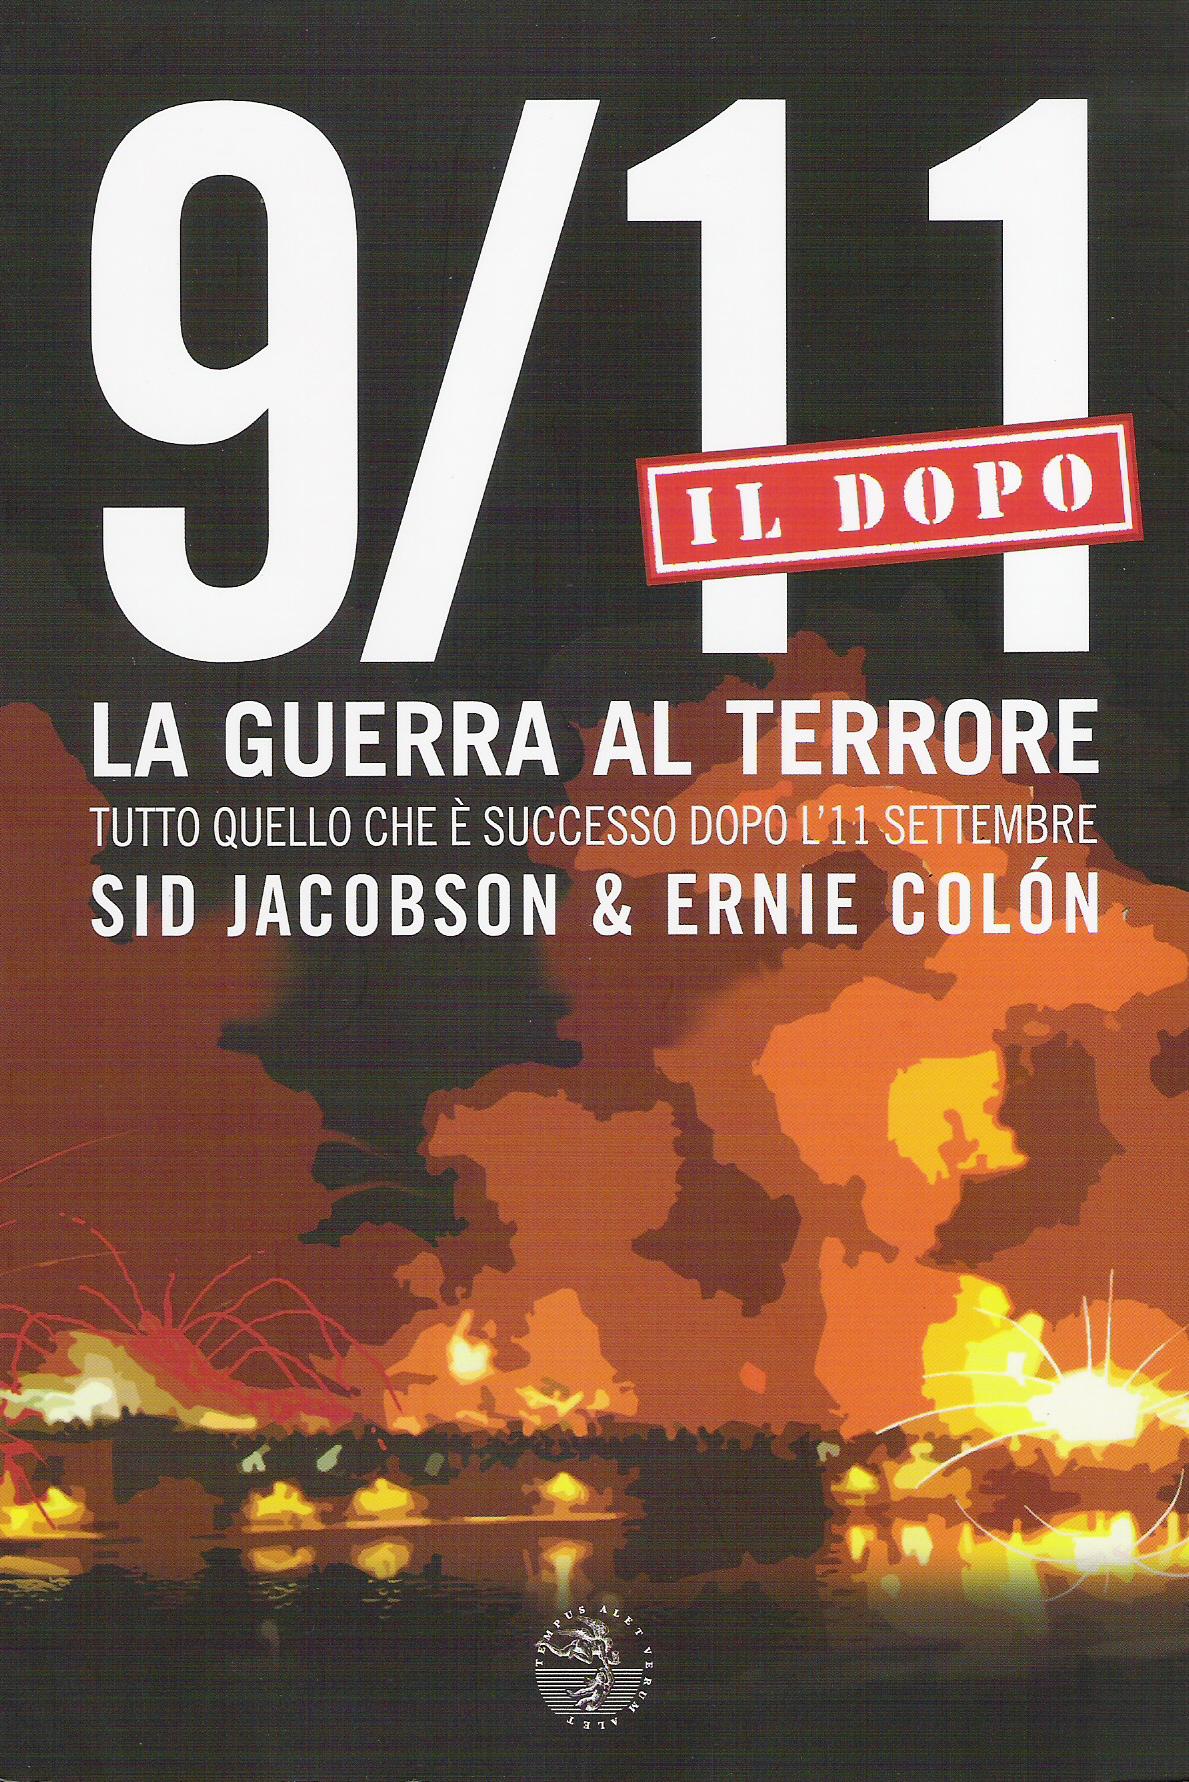 9/11. Il dopo